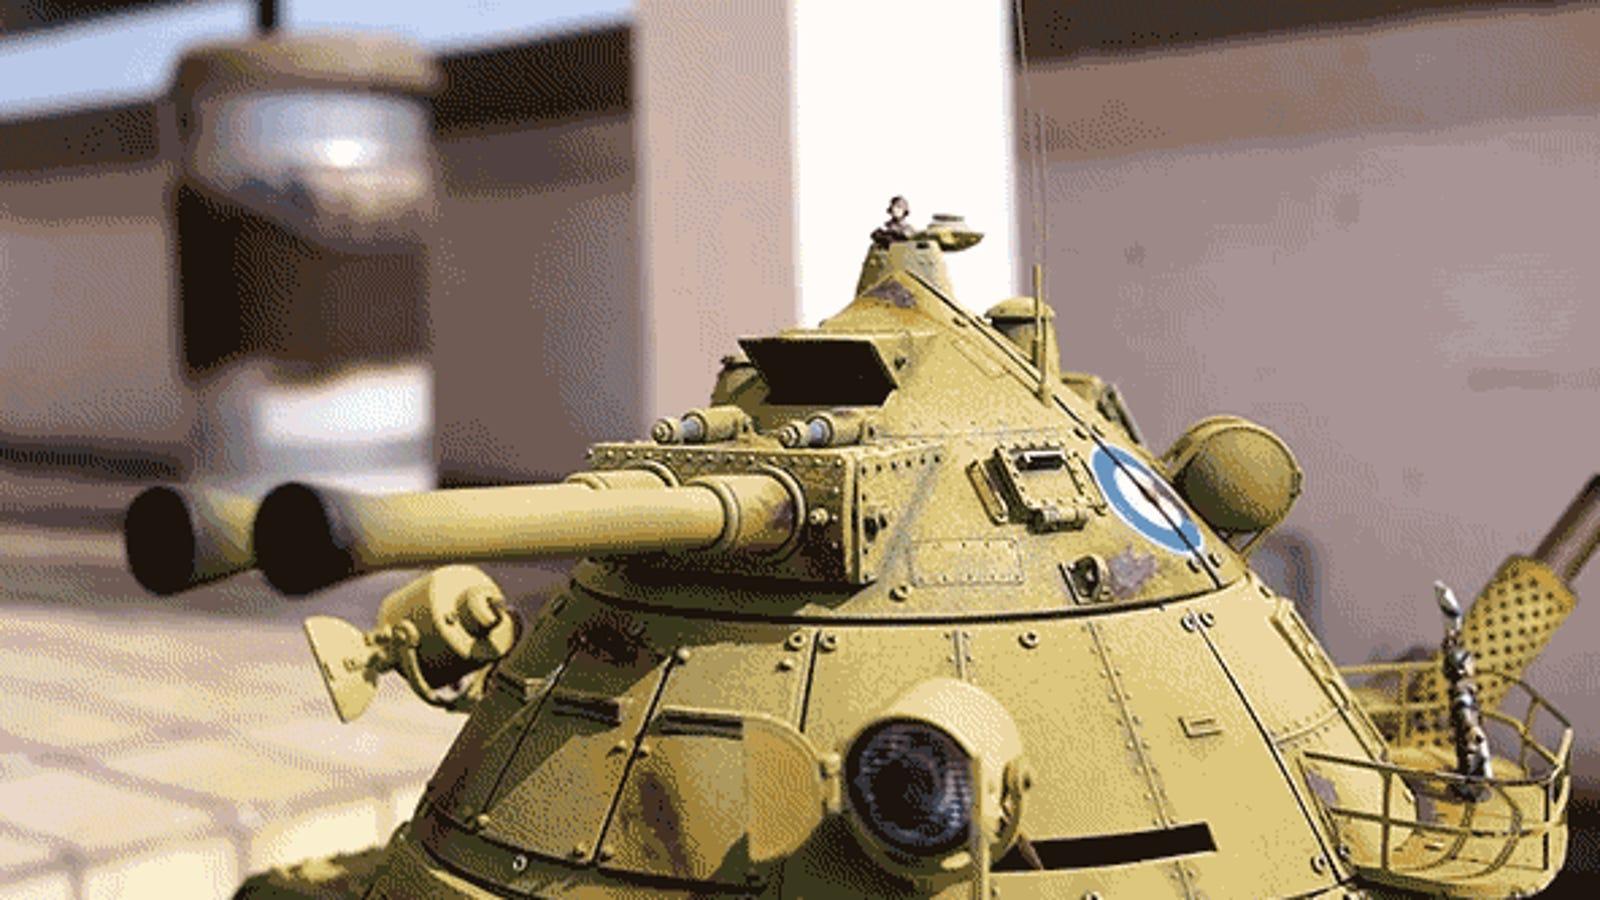 Te perderás en los detalles de este brutal tanque-robot impreso en 3D